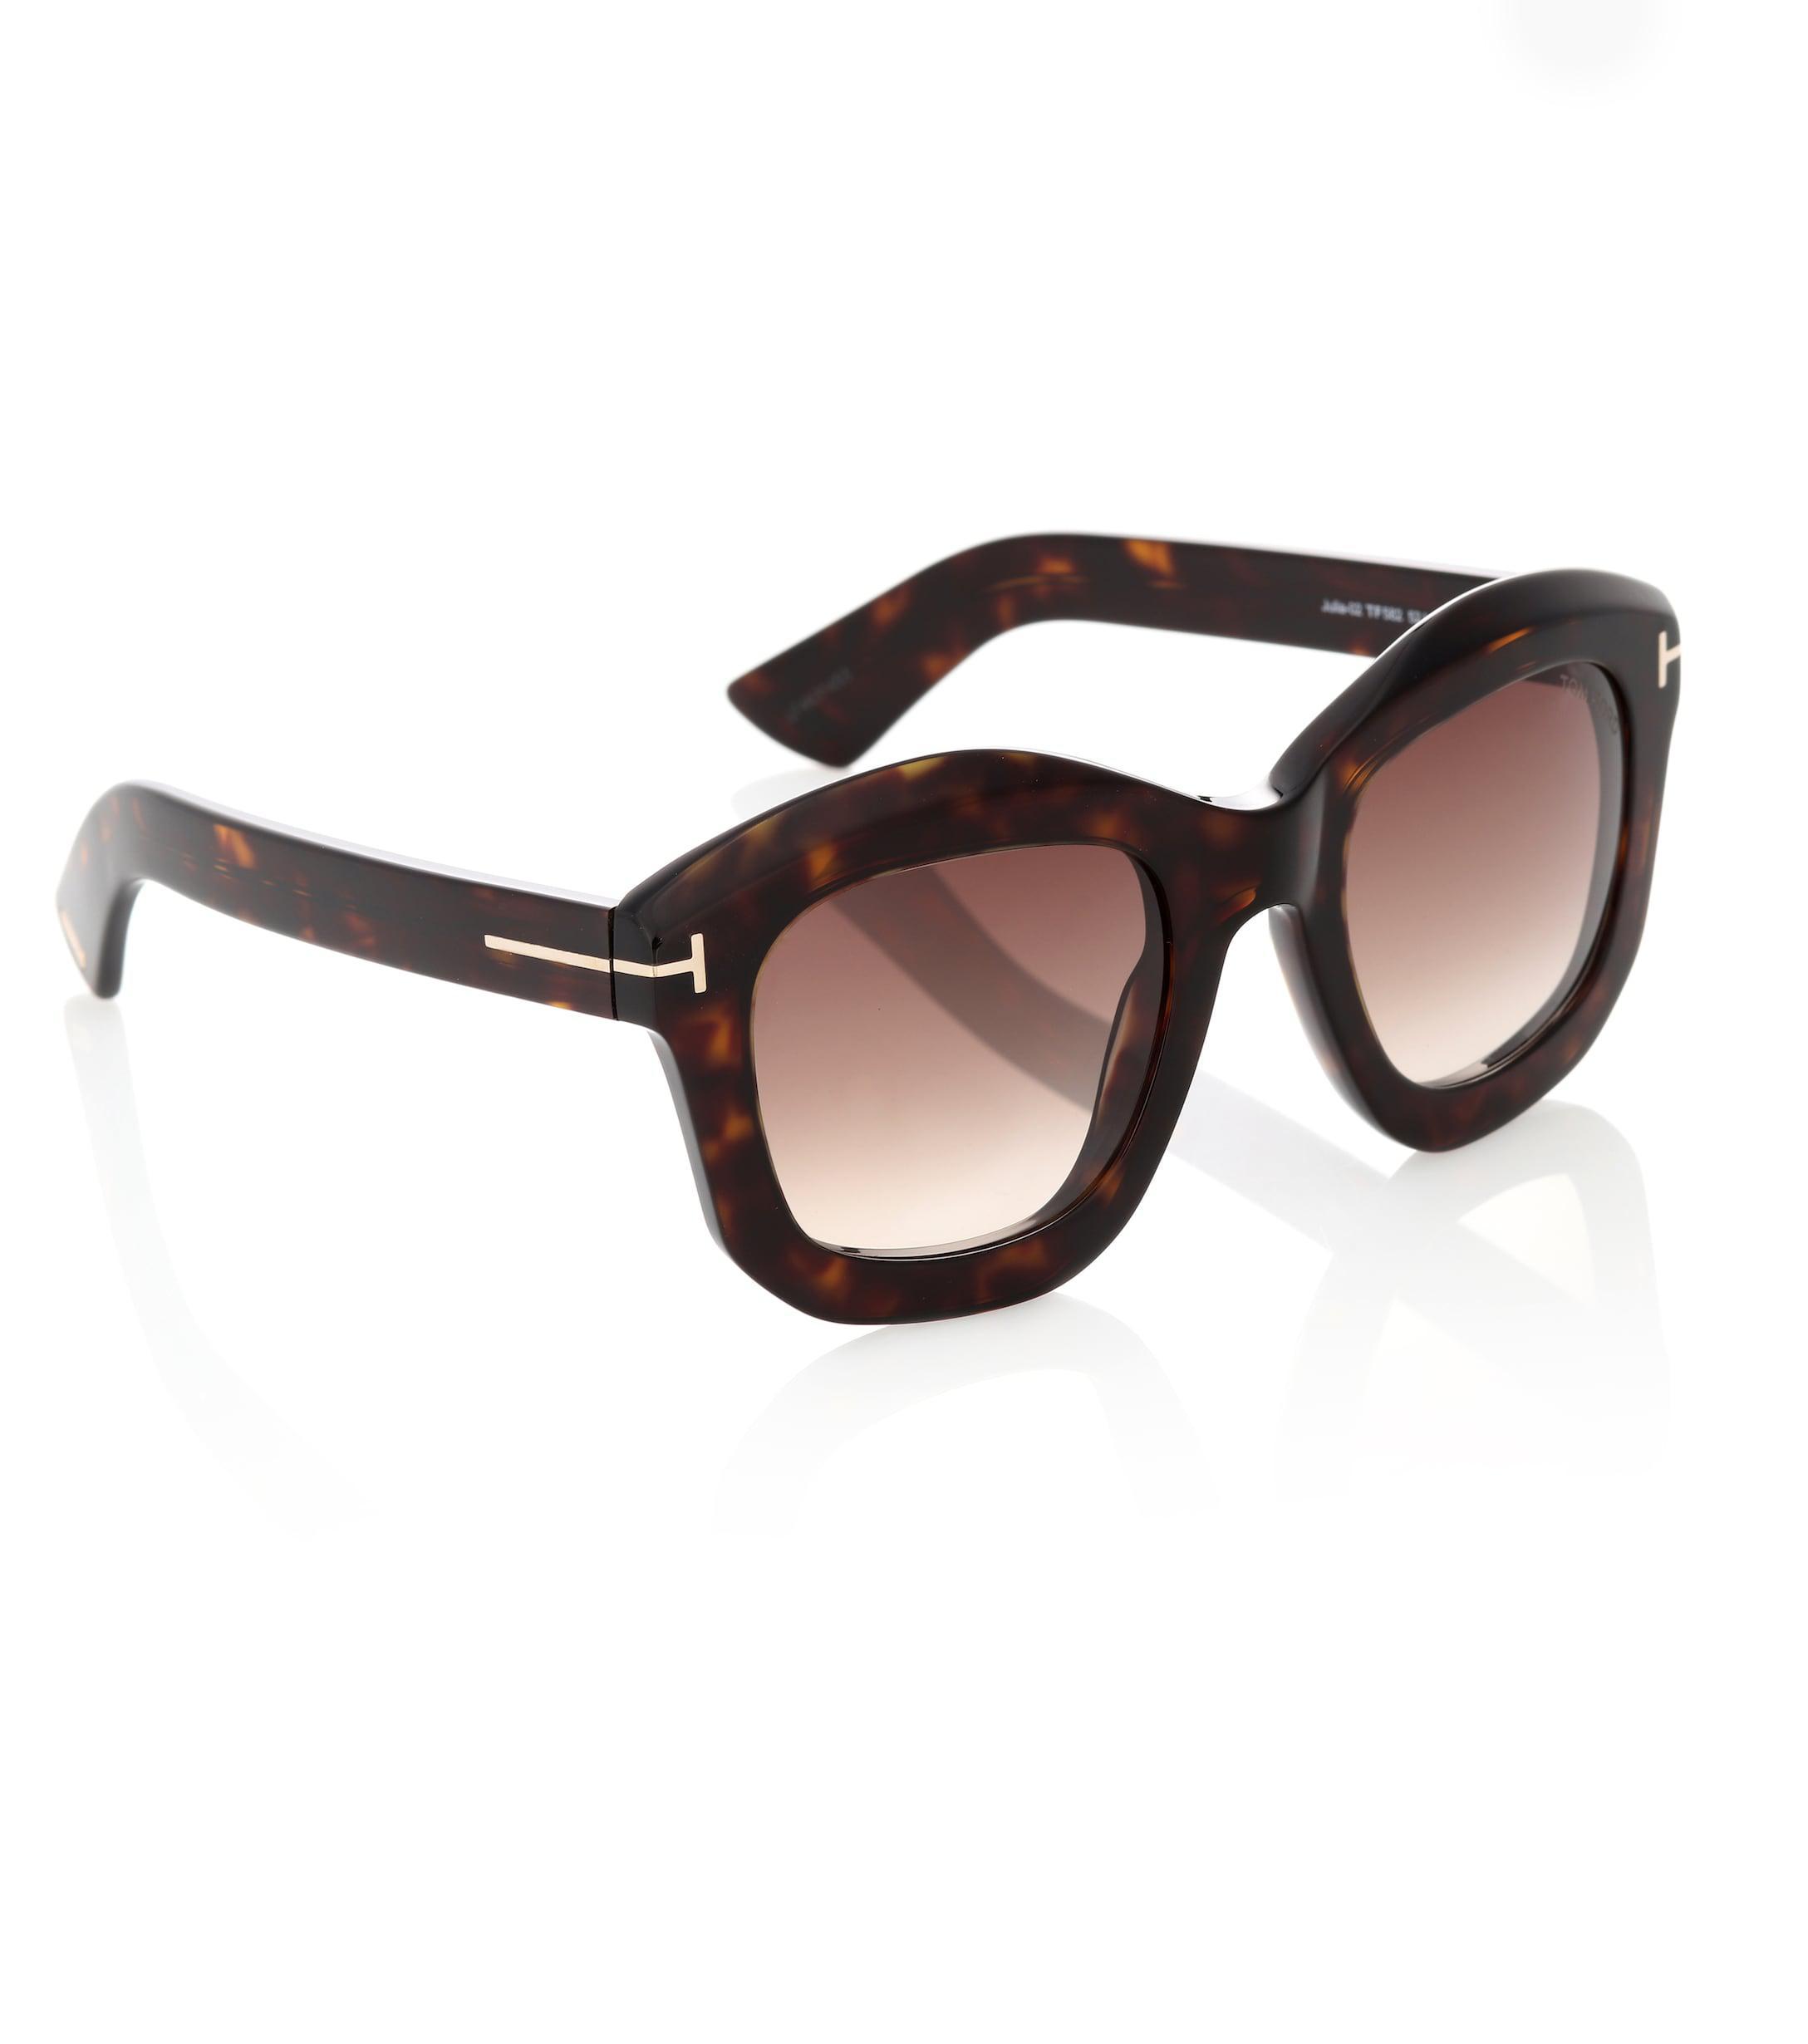 ee5c7cd0fe Gafas de sol cuadradas Julia Tom Ford de color Marrón - Lyst